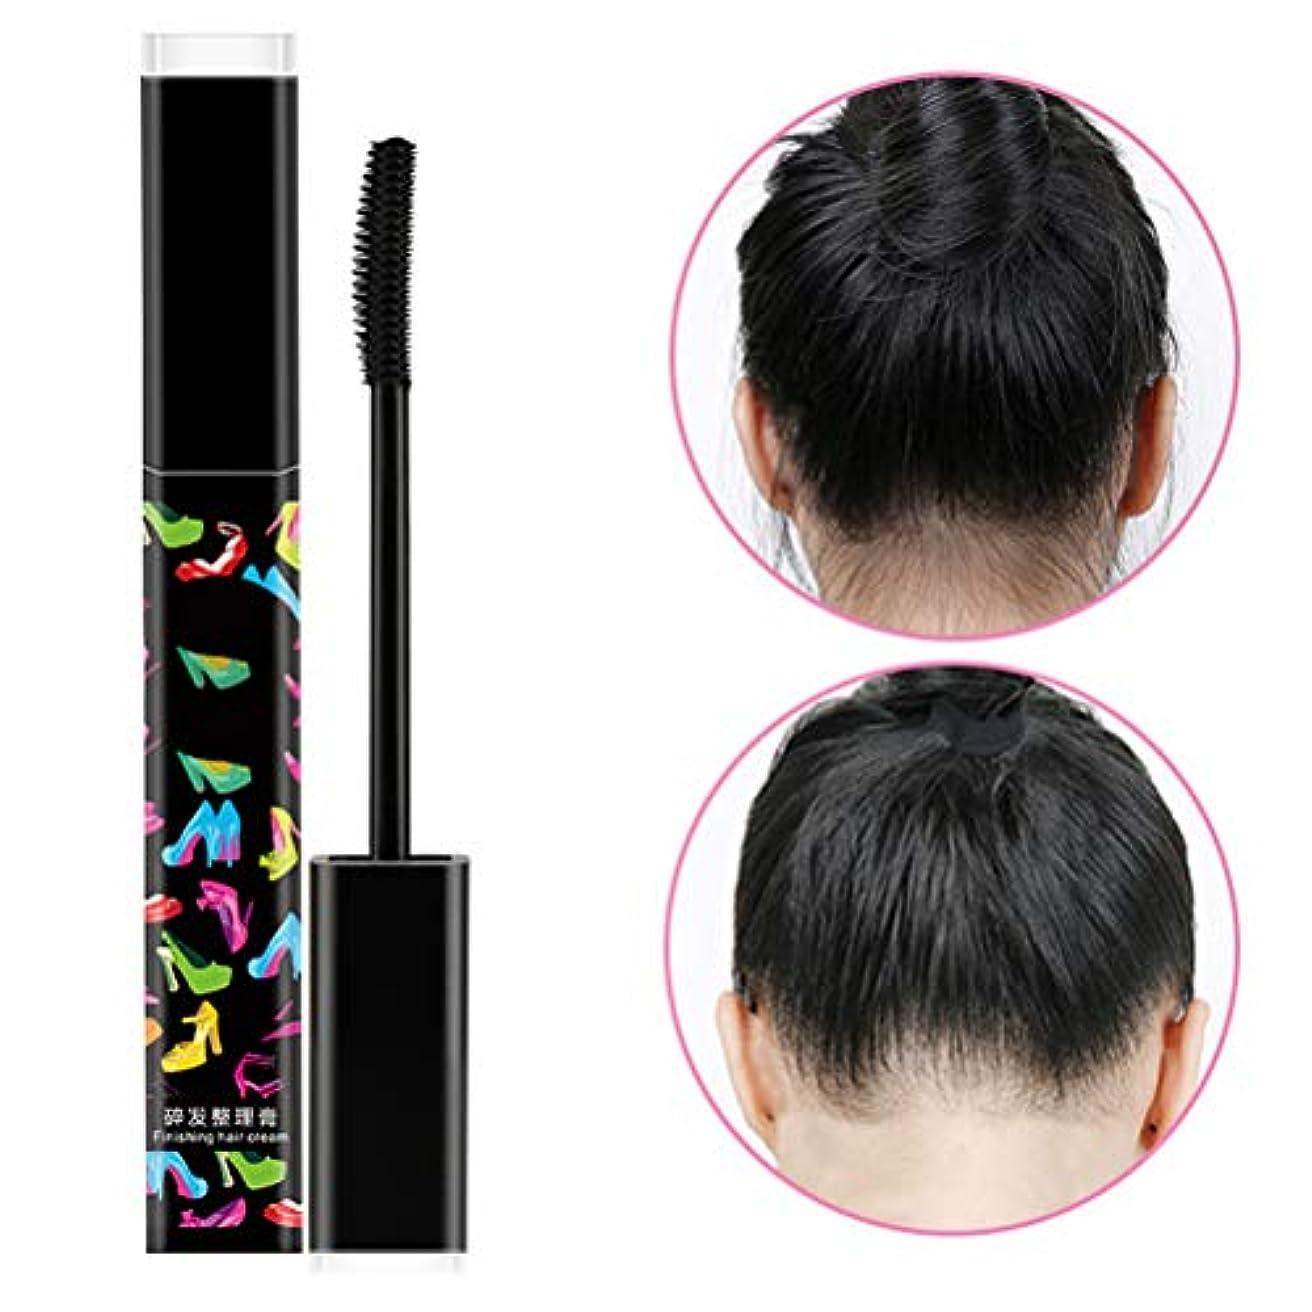 独創的欺半径supbel 美髪ワックス スタイリングクリーム ヘアスタイル 散髪整理 ハードワックス 髪固 保湿 ナチュラル オーガニック 長持ち 携帯便利 軽量 使用の簡単さ 高い光沢